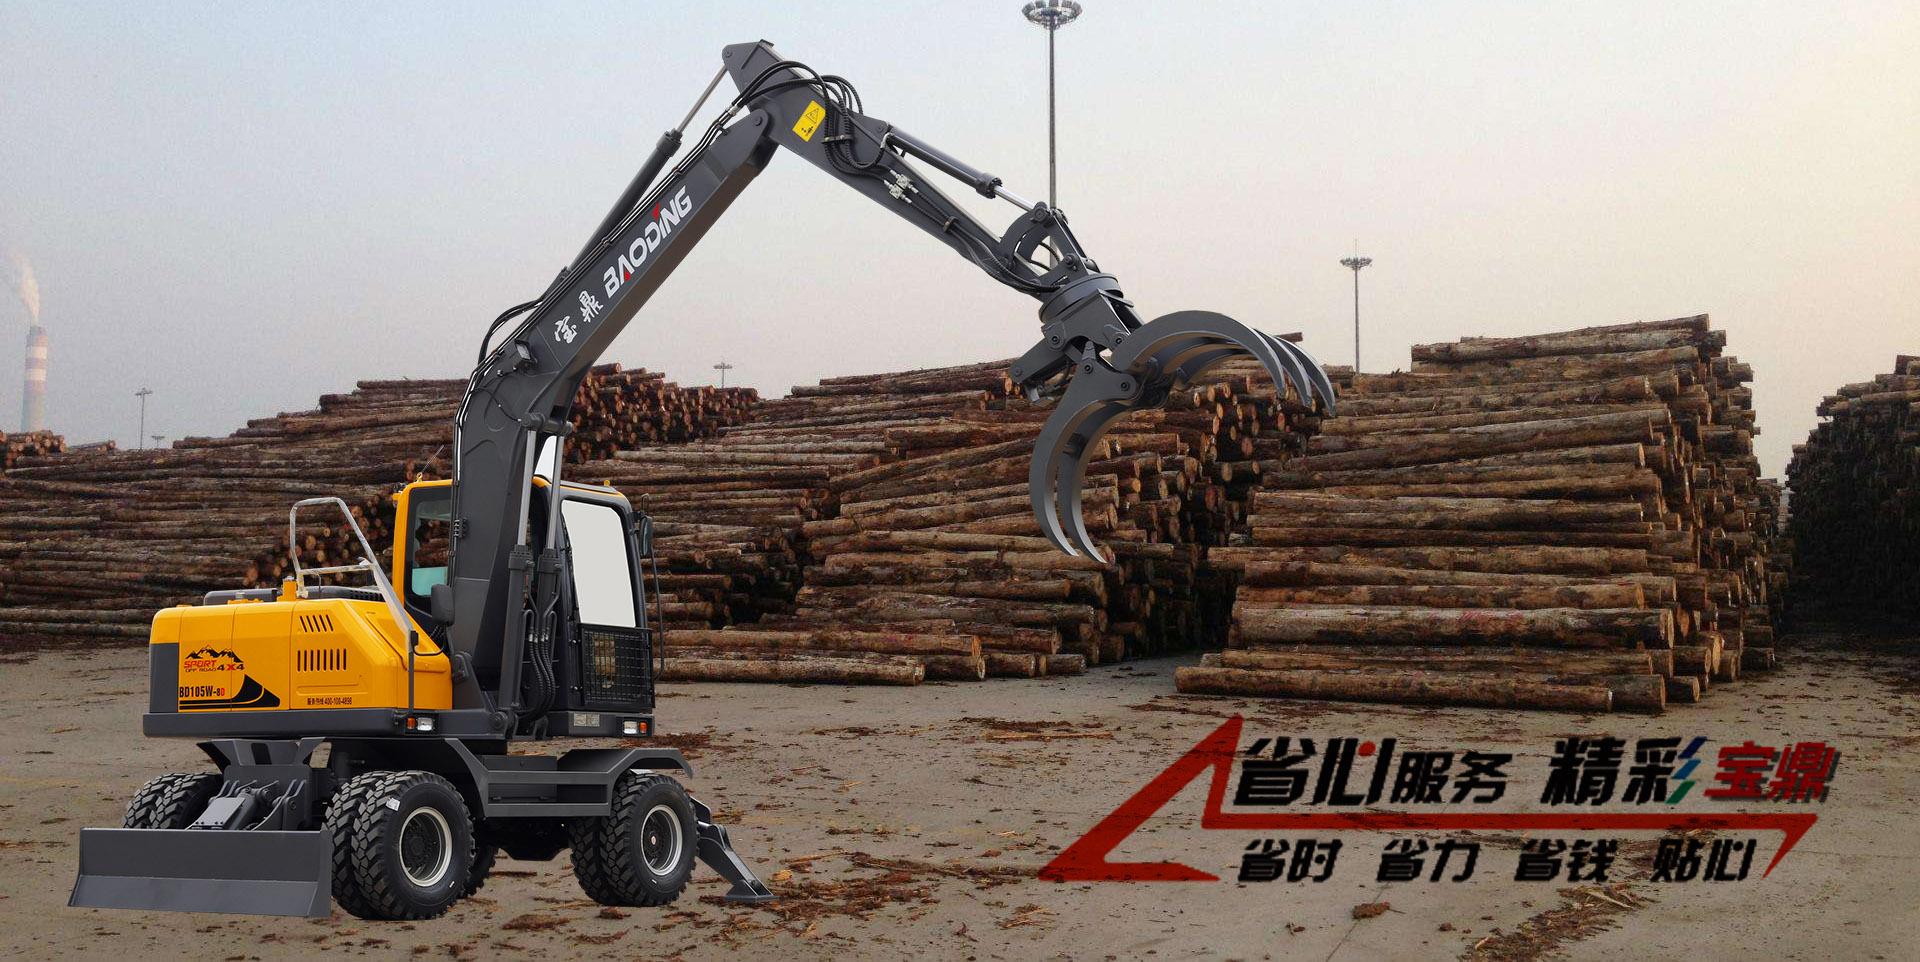 【产品分析】宝鼎105轮式抓木机型号:高性能质量,操作自如